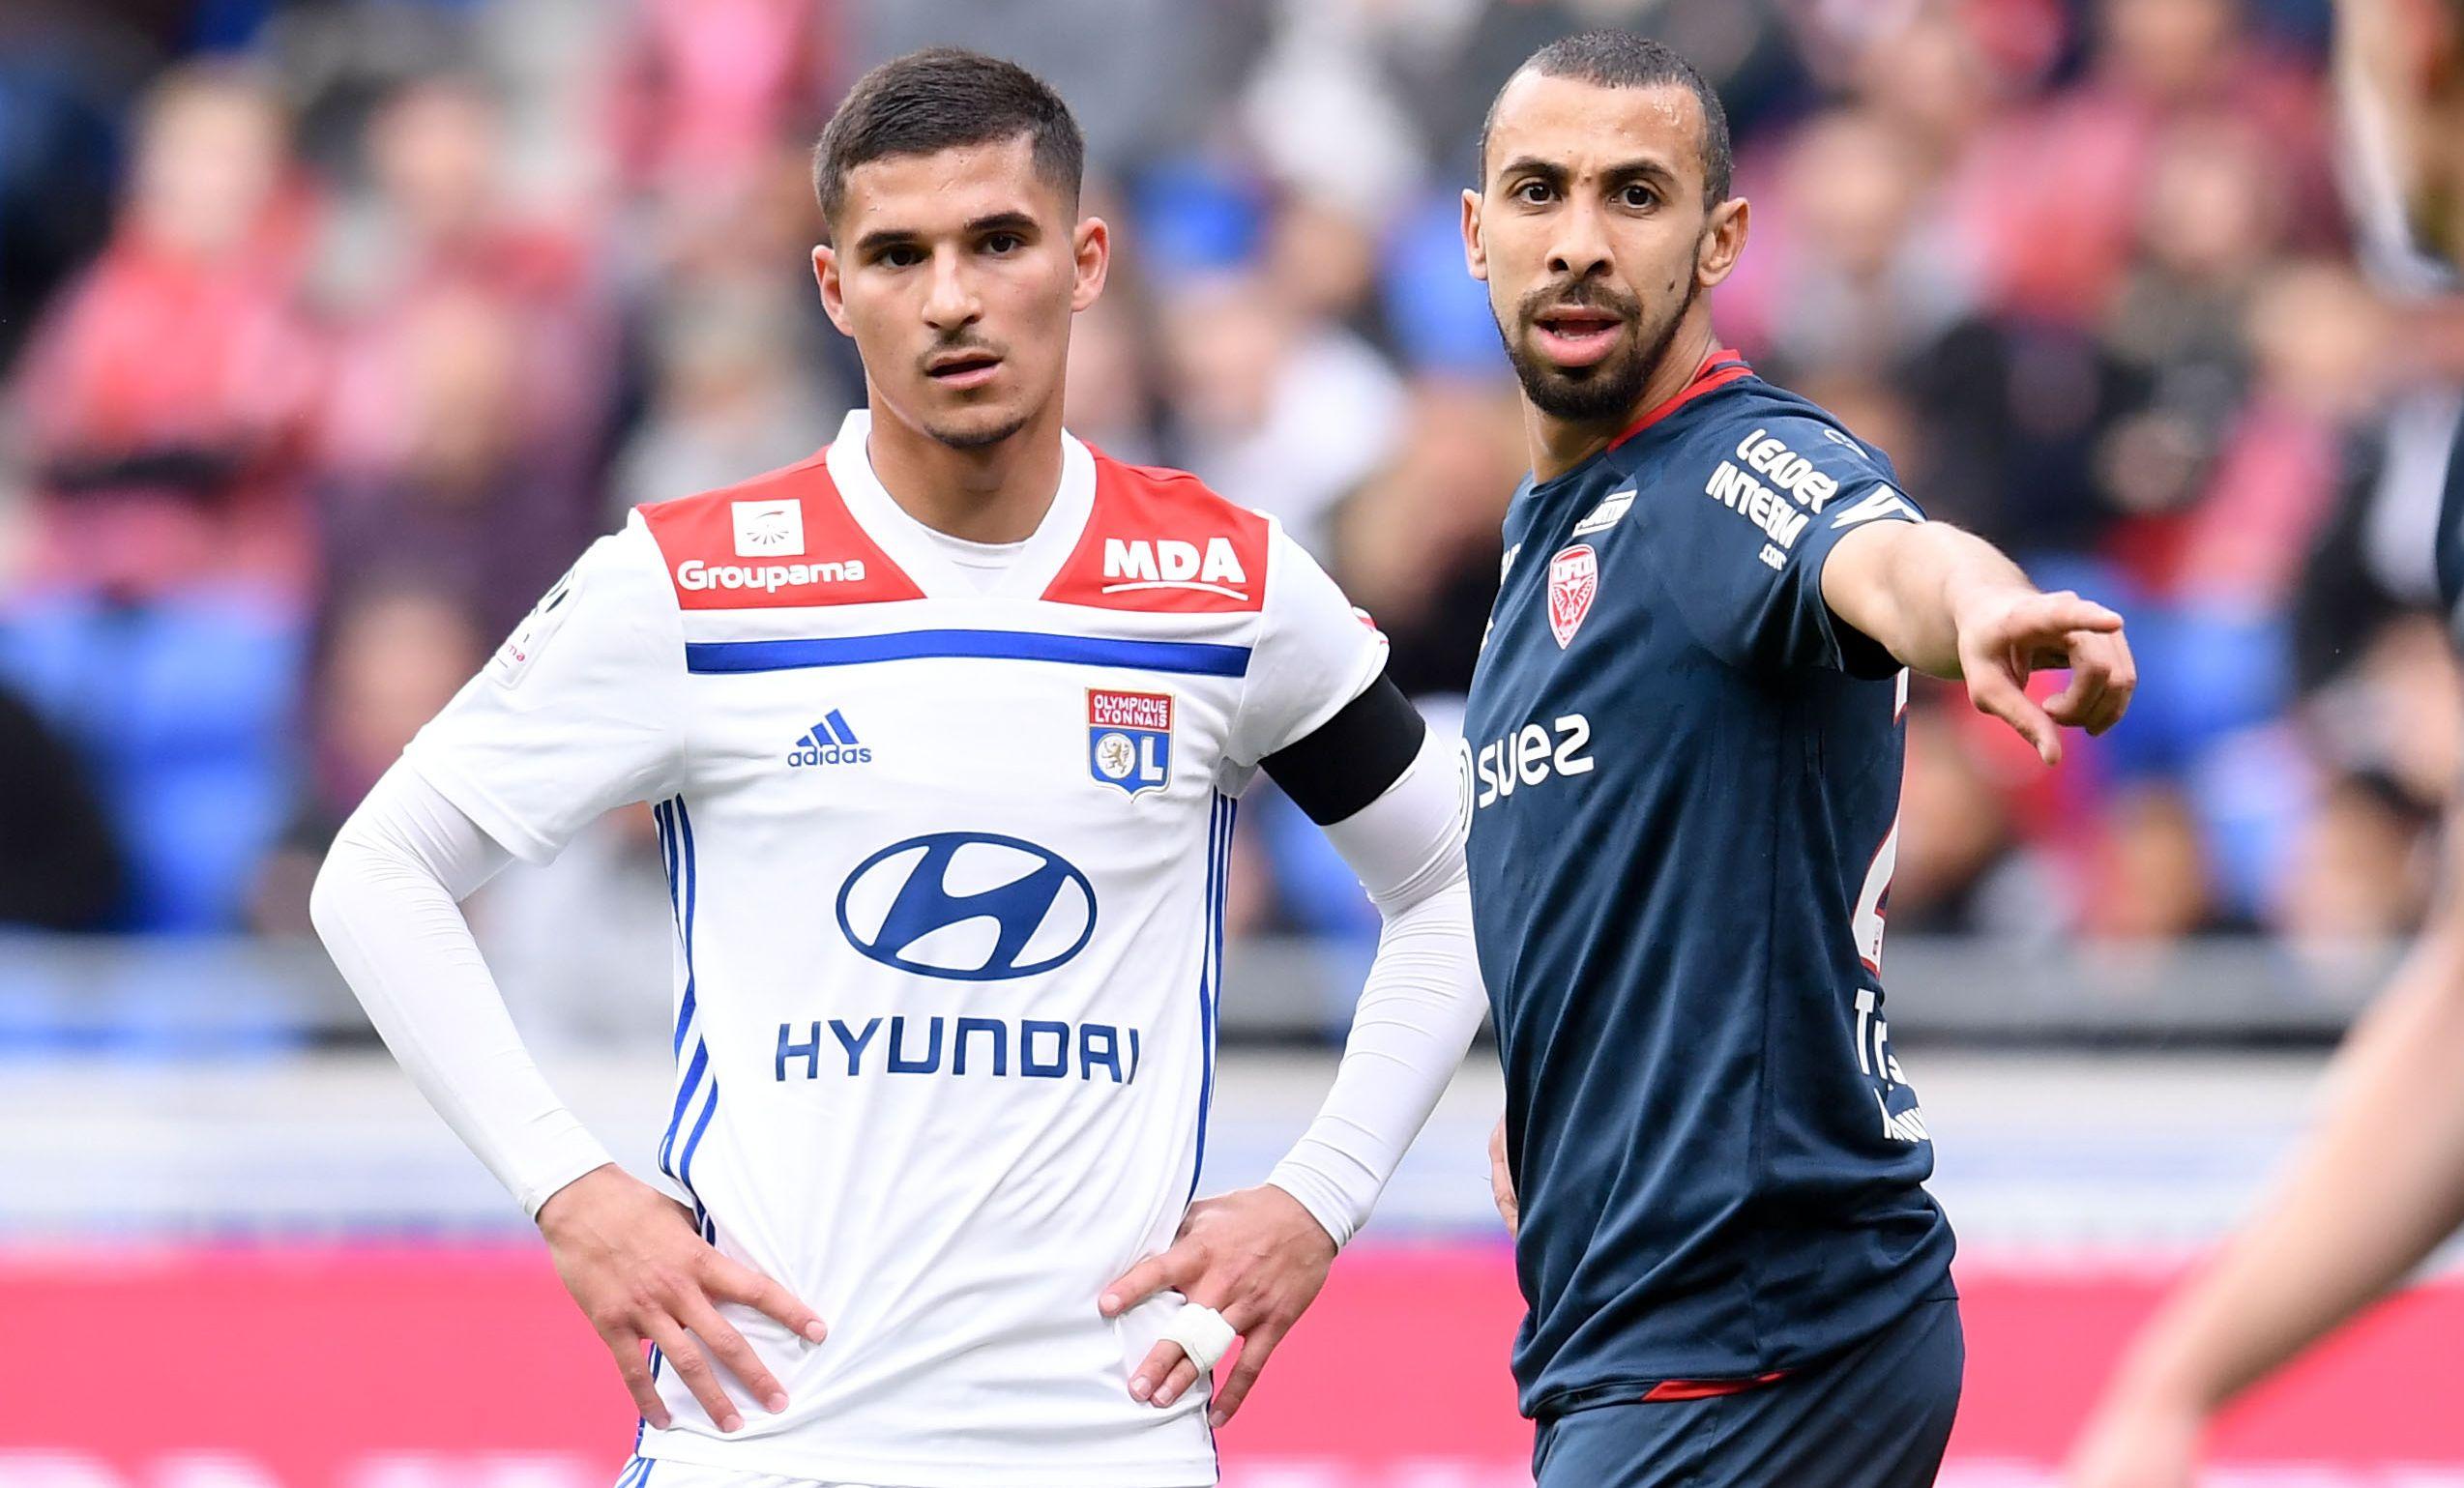 Football - Ligue 1 - Les enjeux de la 37e journée : Balle de match pour l'OL, peur sur Monaco